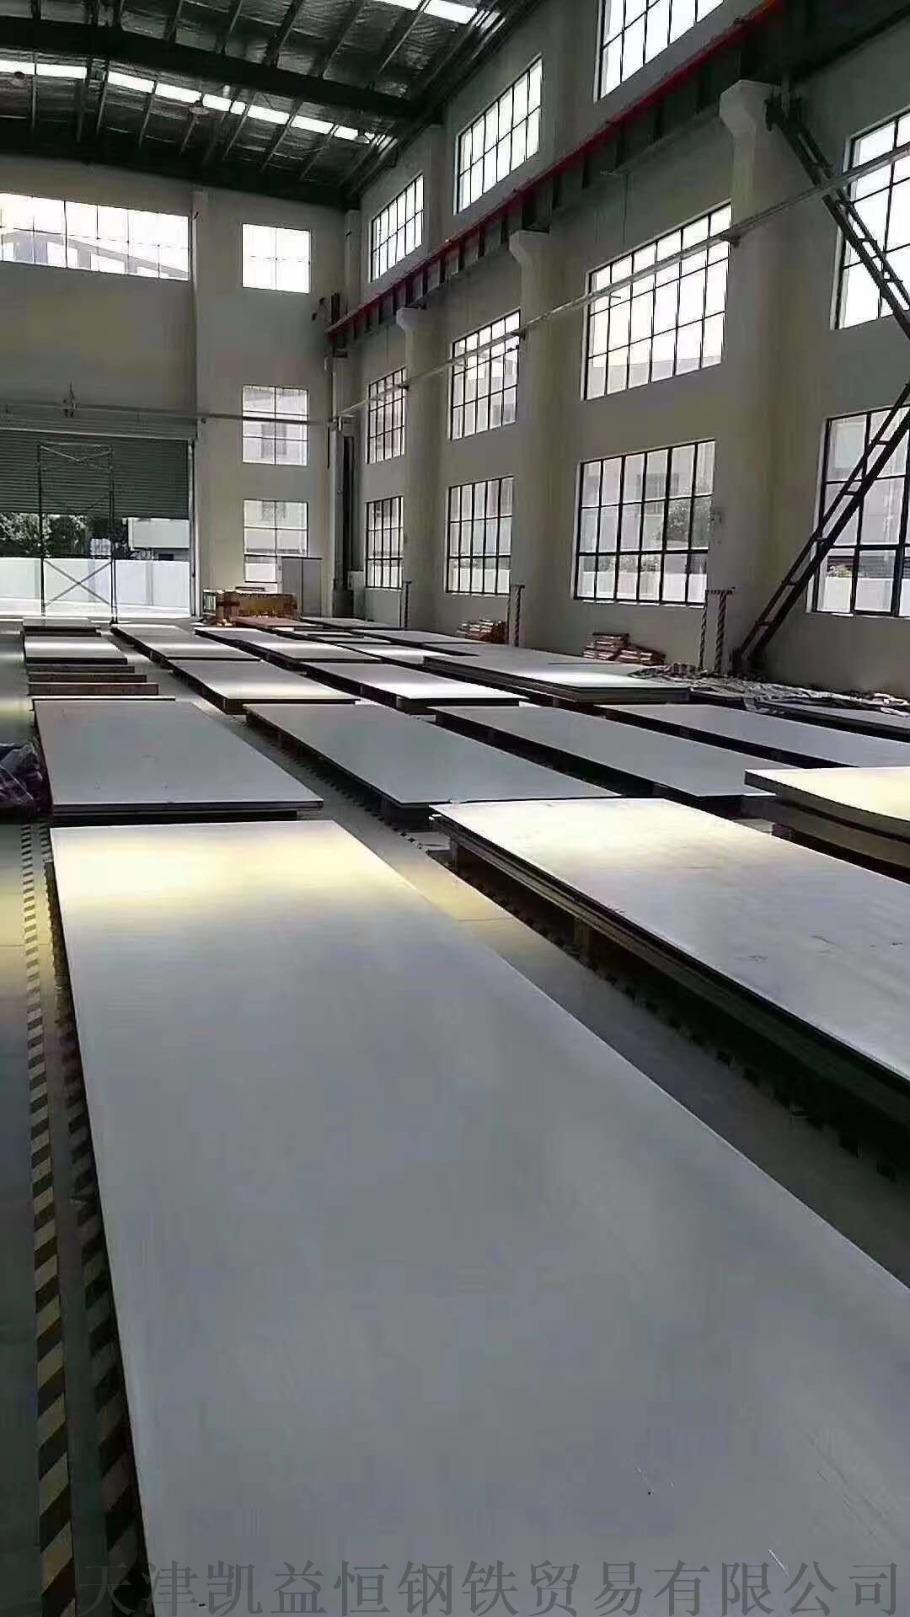 GB24511 s32168不锈钢板规格齐全924827075